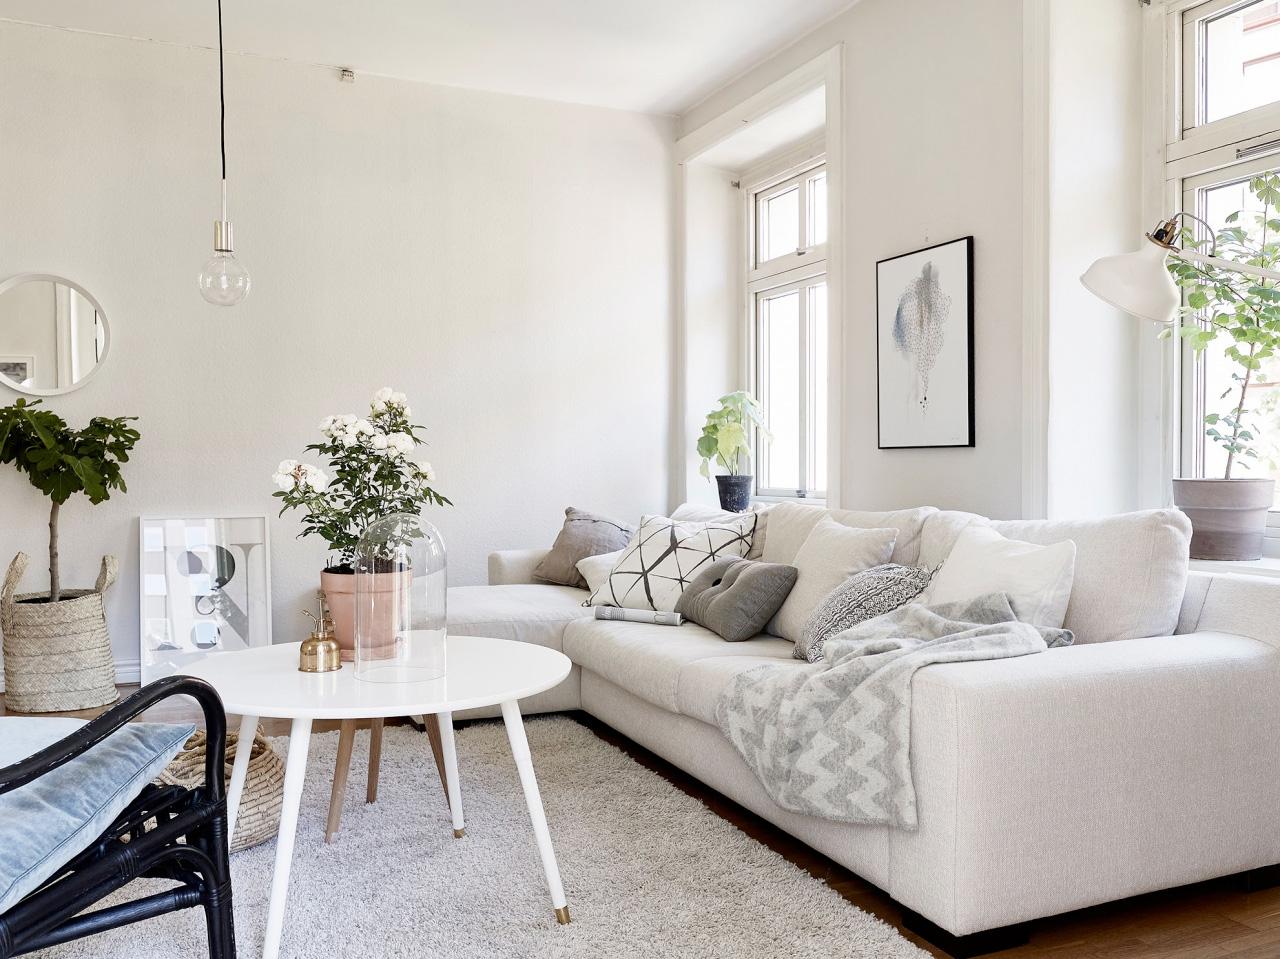 Houten plafond hellend gehoor geven aan uw huis - Decoratie woonkamer plafond ...